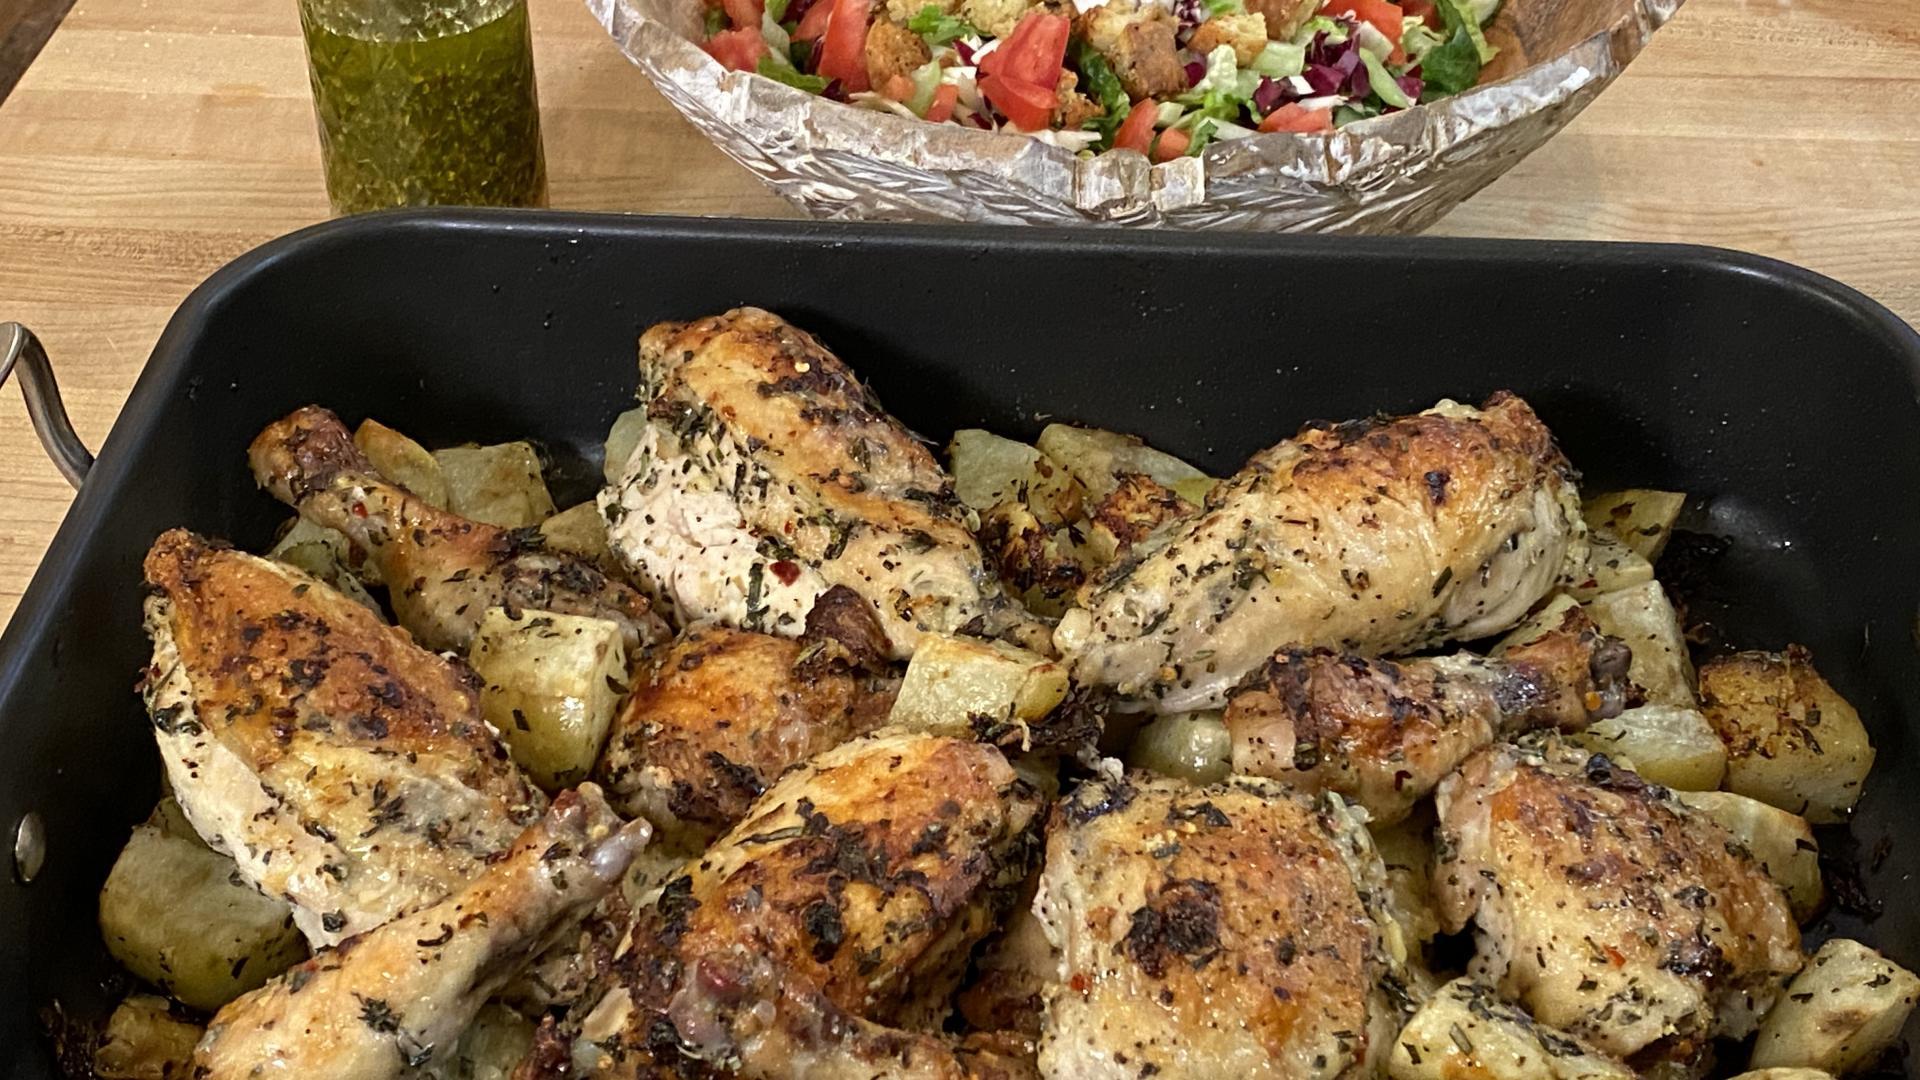 Garlic Herb Roast Chicken With Potatoes